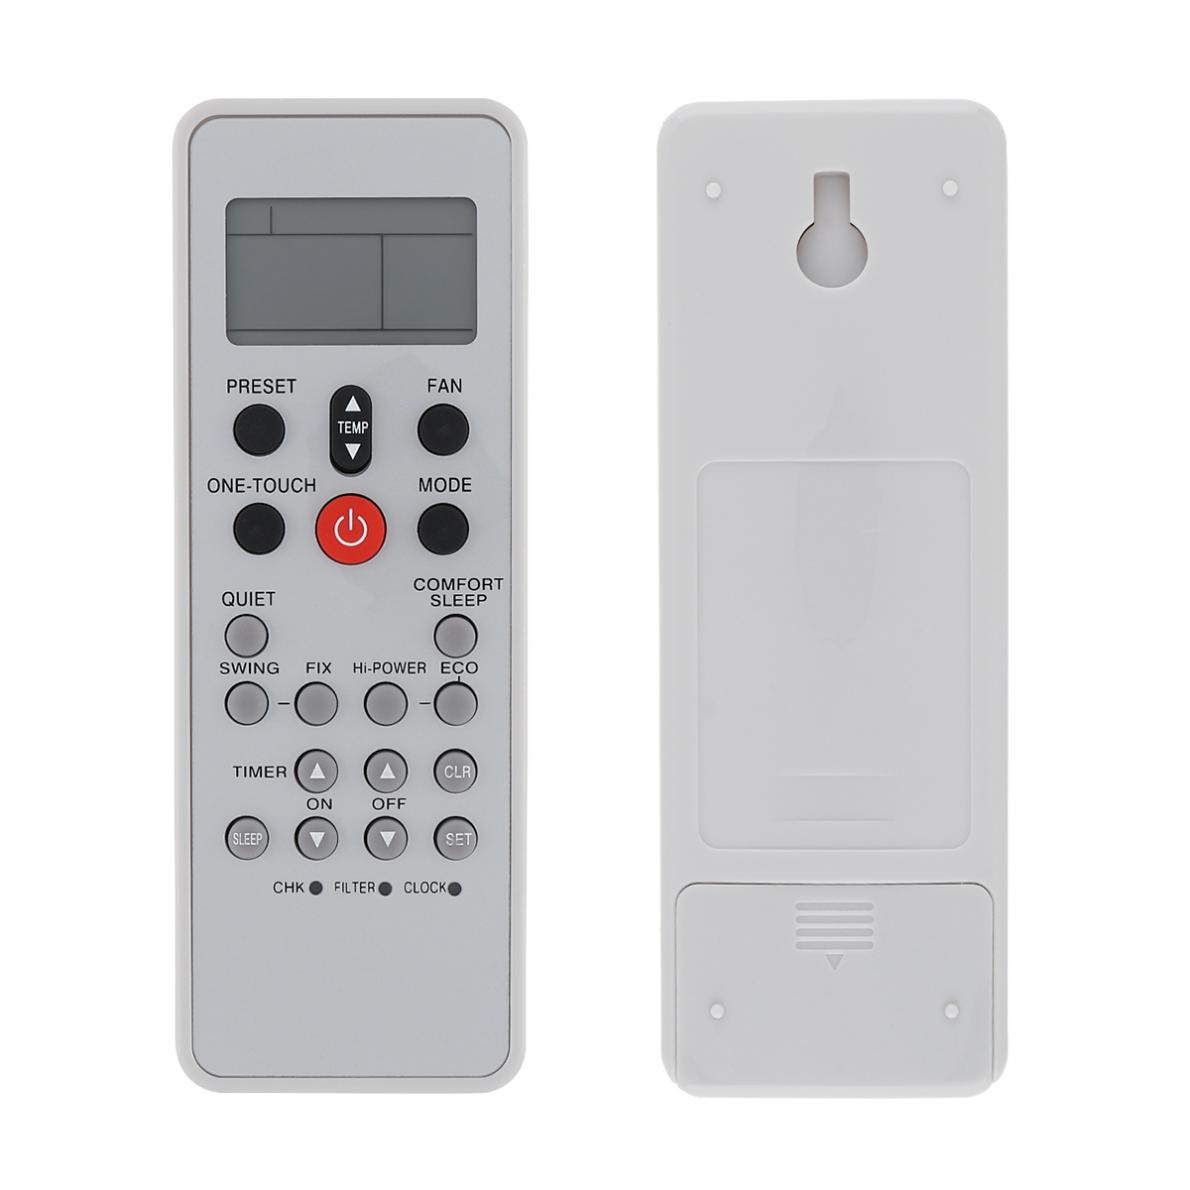 Reemplazo IR 433MHz aire acondicionado Control remoto con transmisión larga ajuste para Toshiba WC - L03SE aire acondicionado